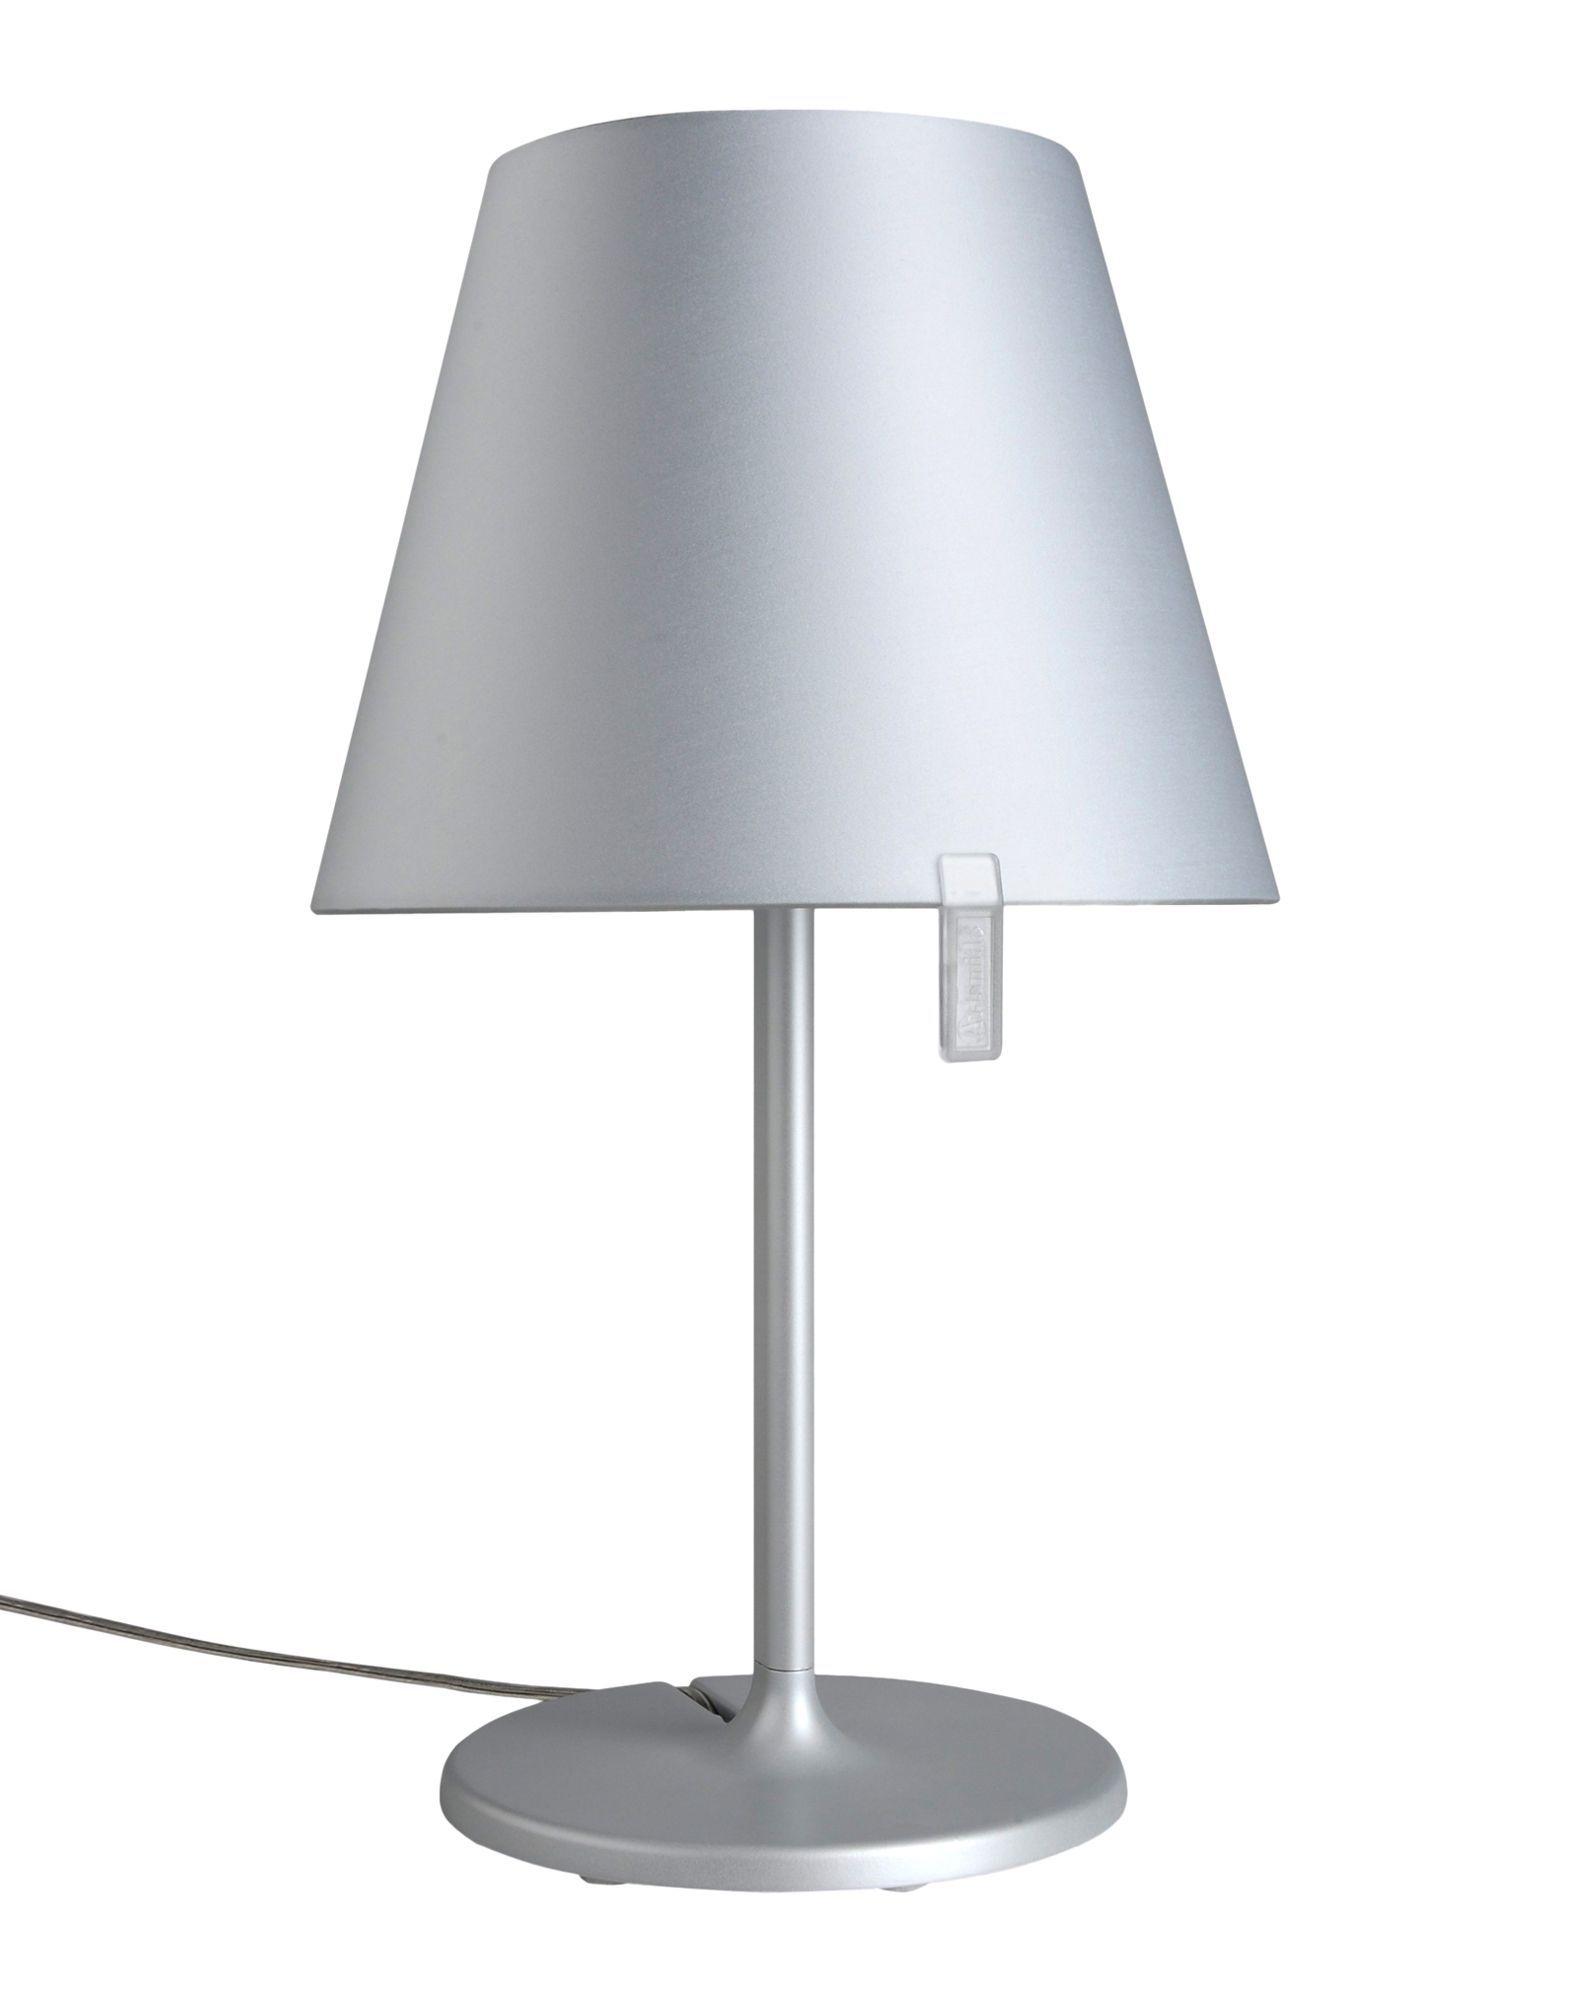 lampada da tavolo melampo grigio design adrien gard re for